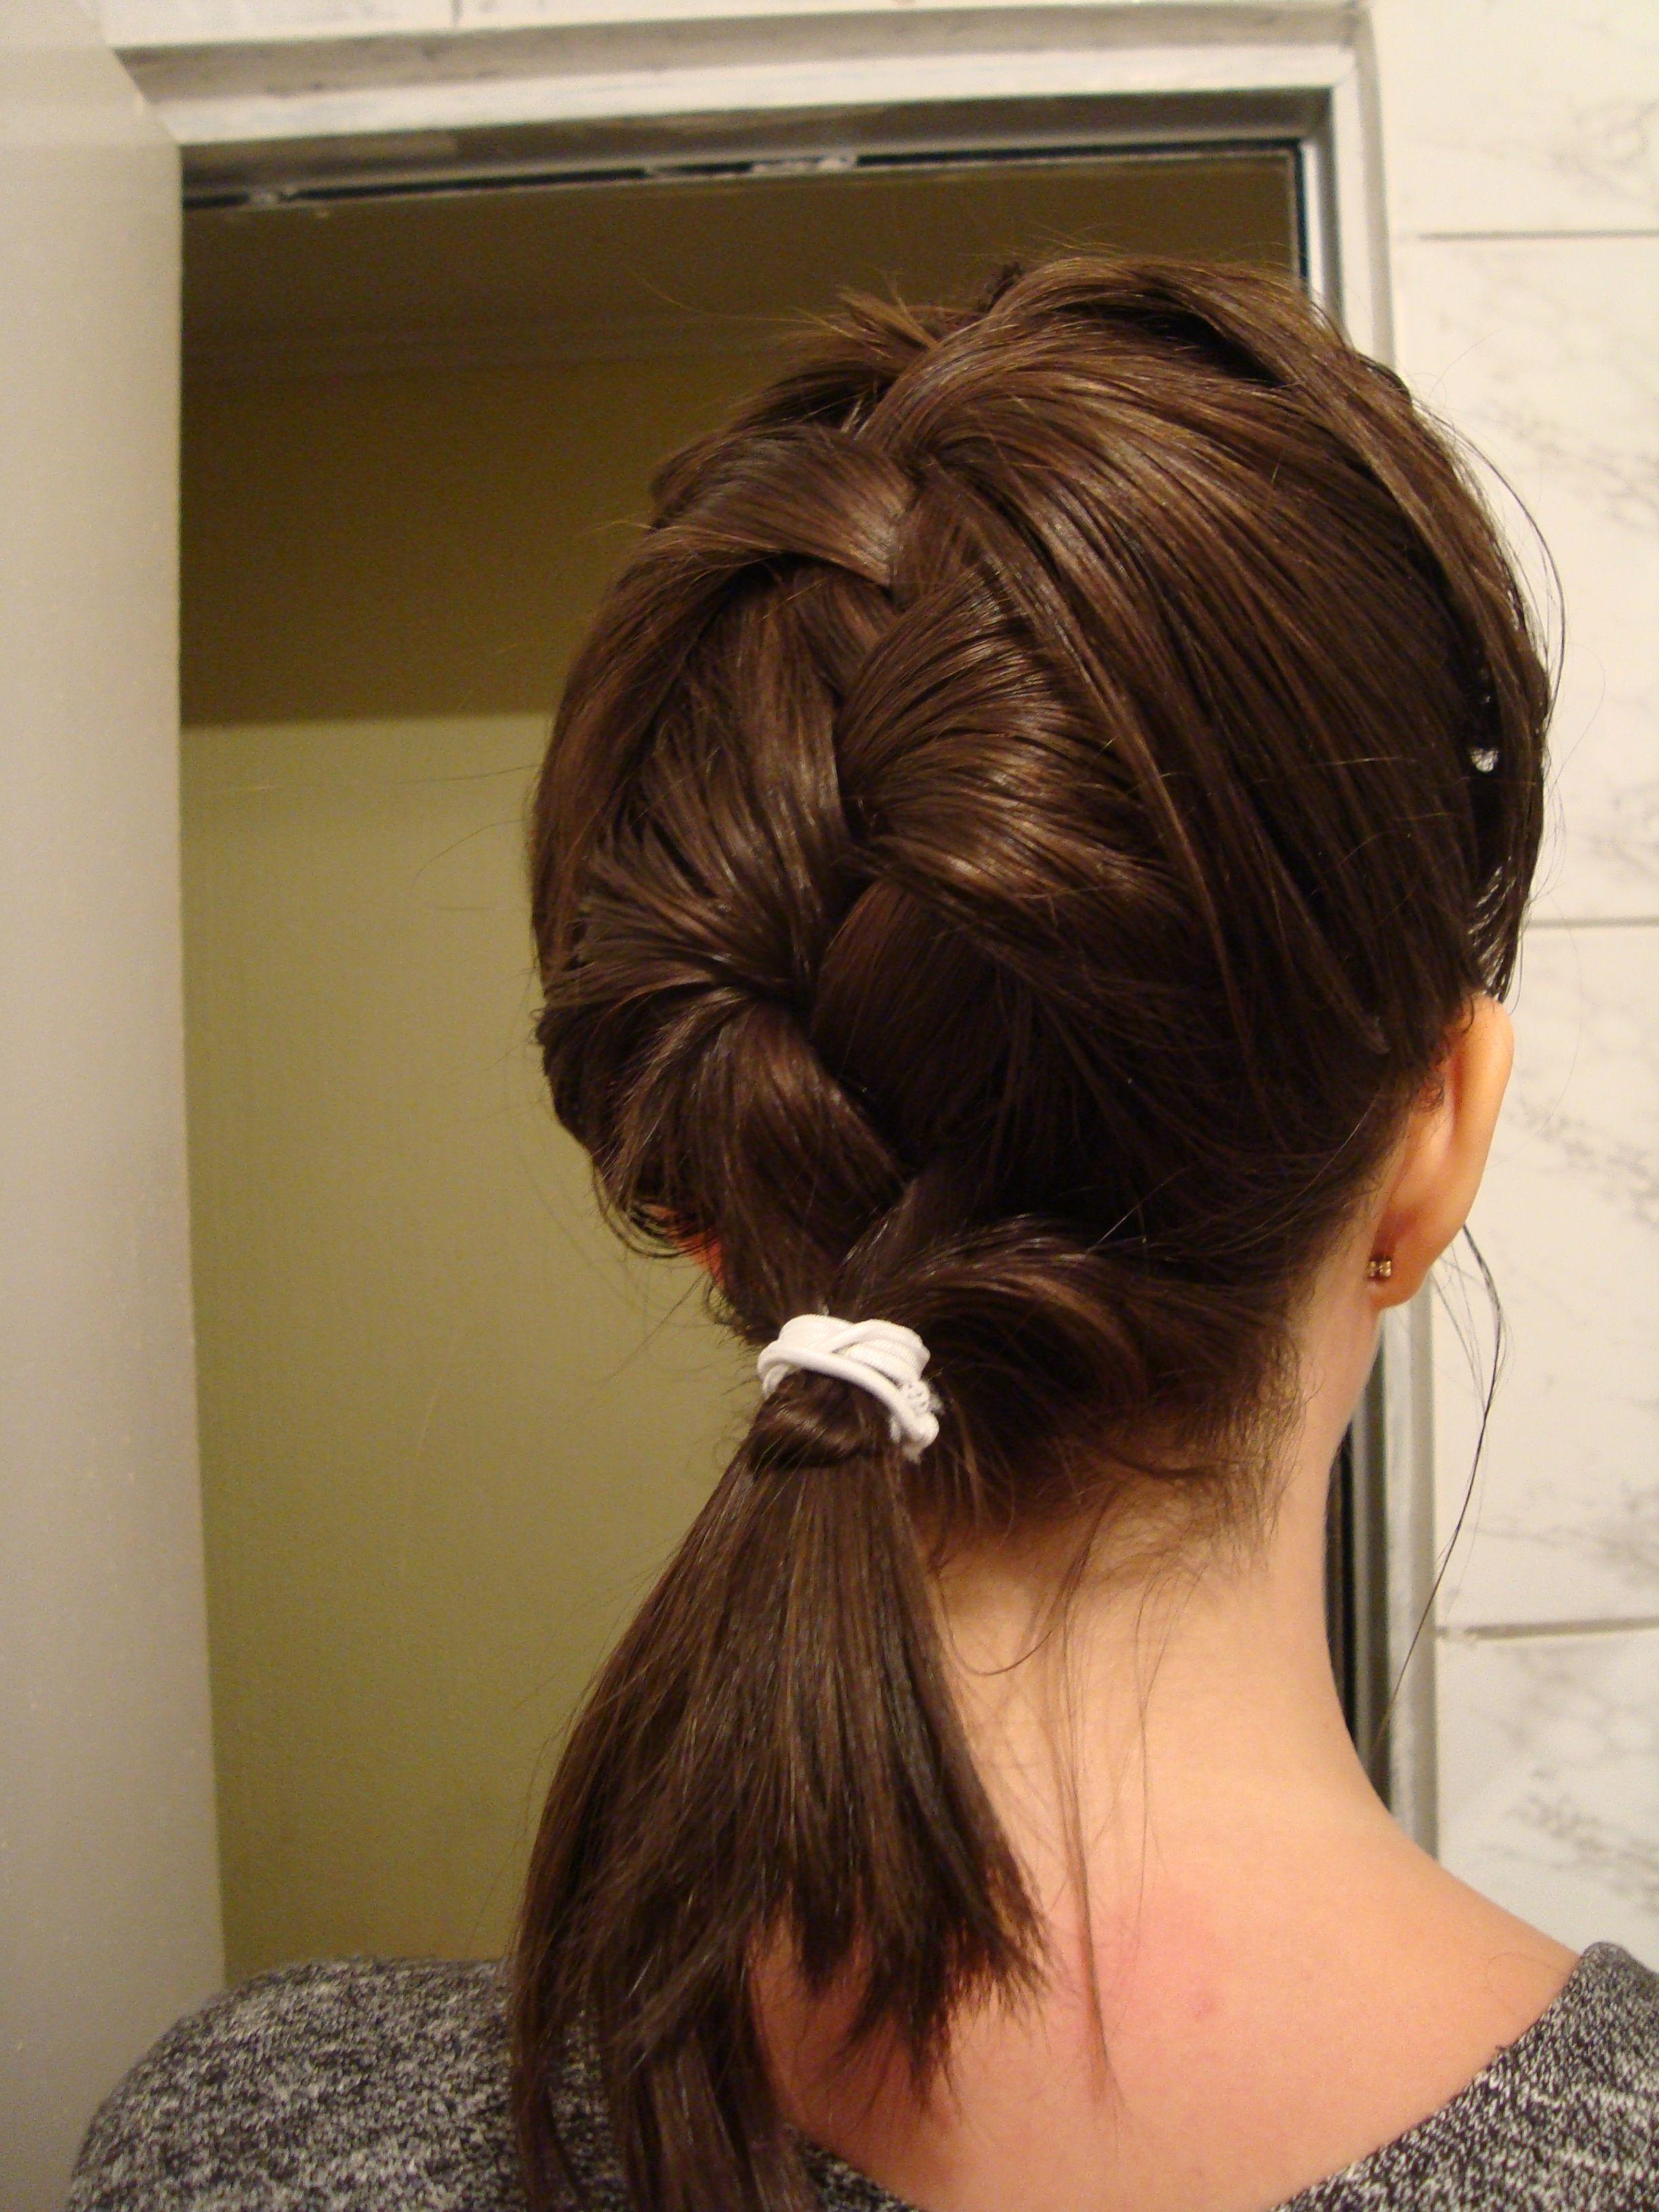 Por fin sé hacer un peinado : la trensa maria!